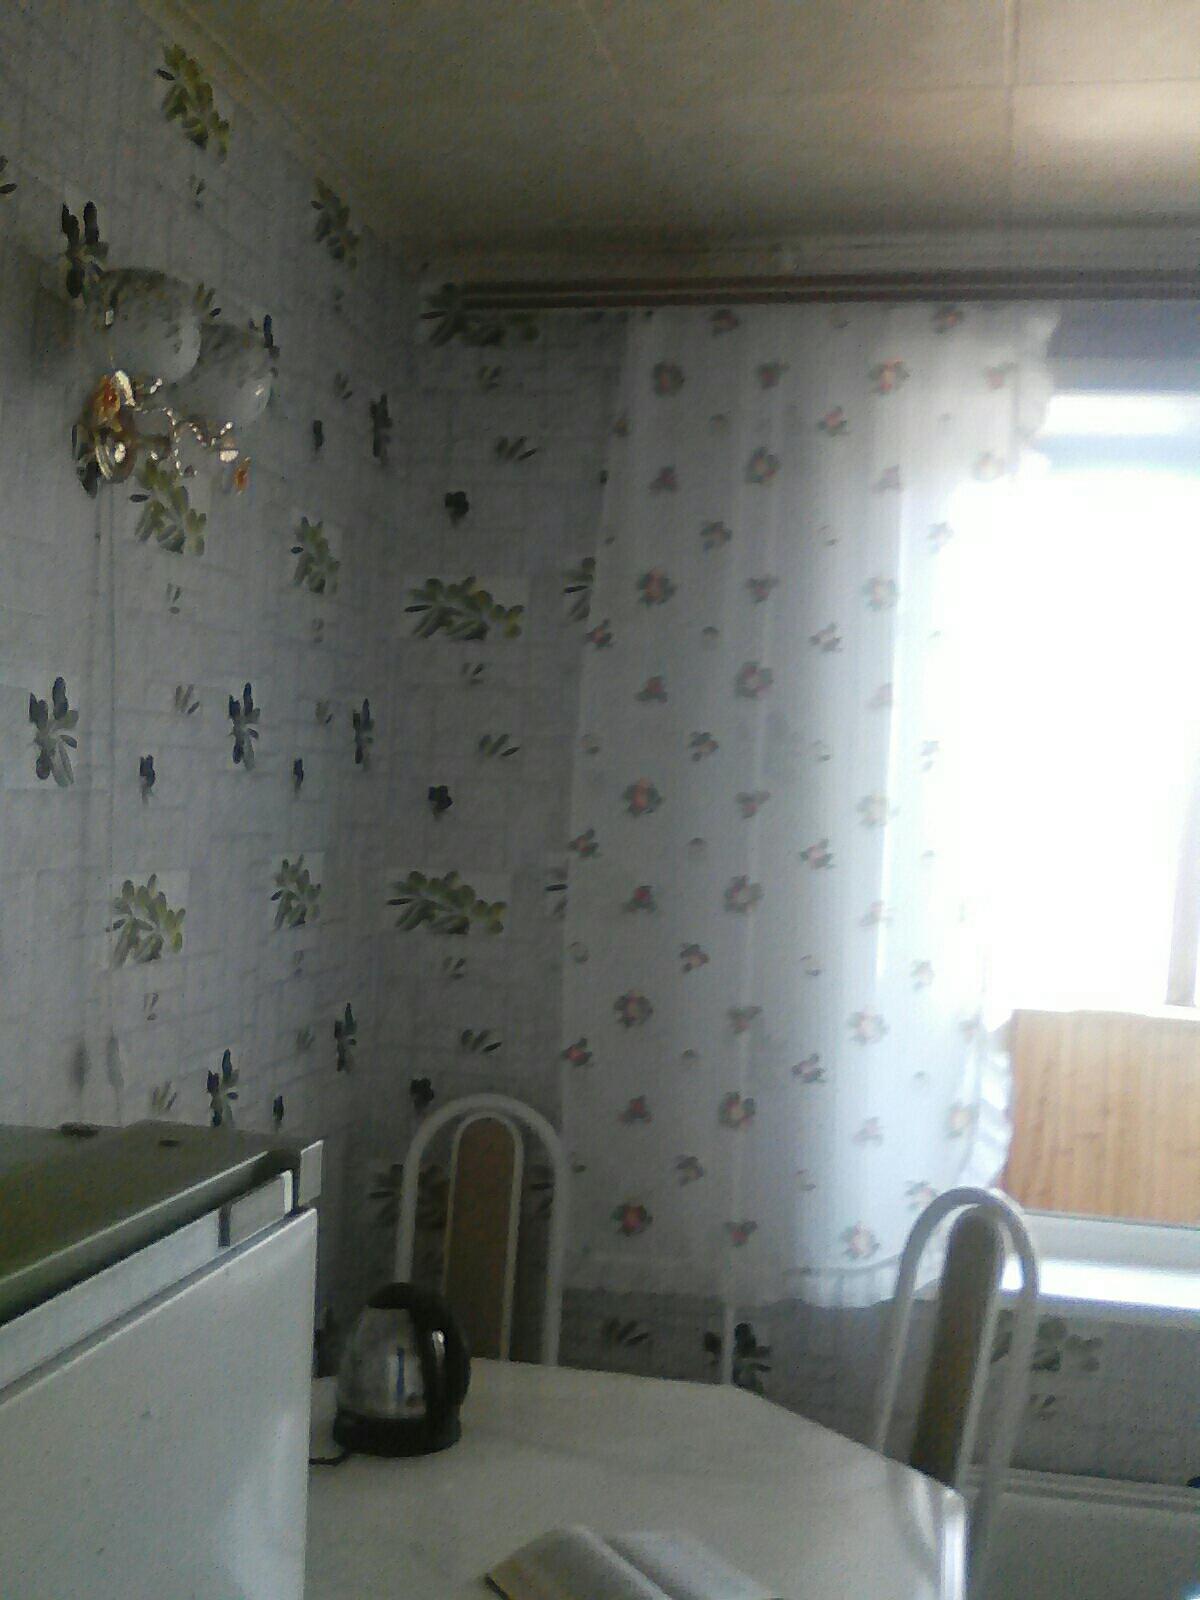 Аренда 1-комнатной квартиры, г. Тольятти, Дзержинского улица  дом 22